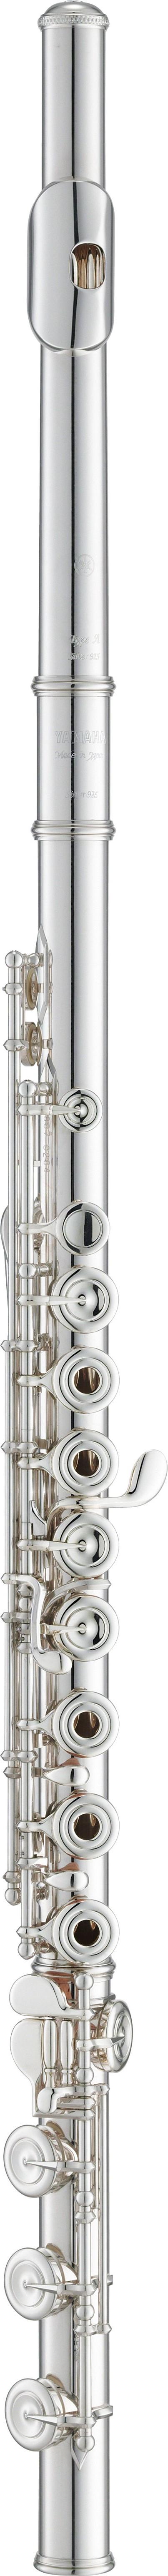 Yamaha - YFL - 897 - H - RBEI - Holzblasinstrumente - Flöten mit E-Mechanik | MUSIK BERTRAM Deutschland Freiburg